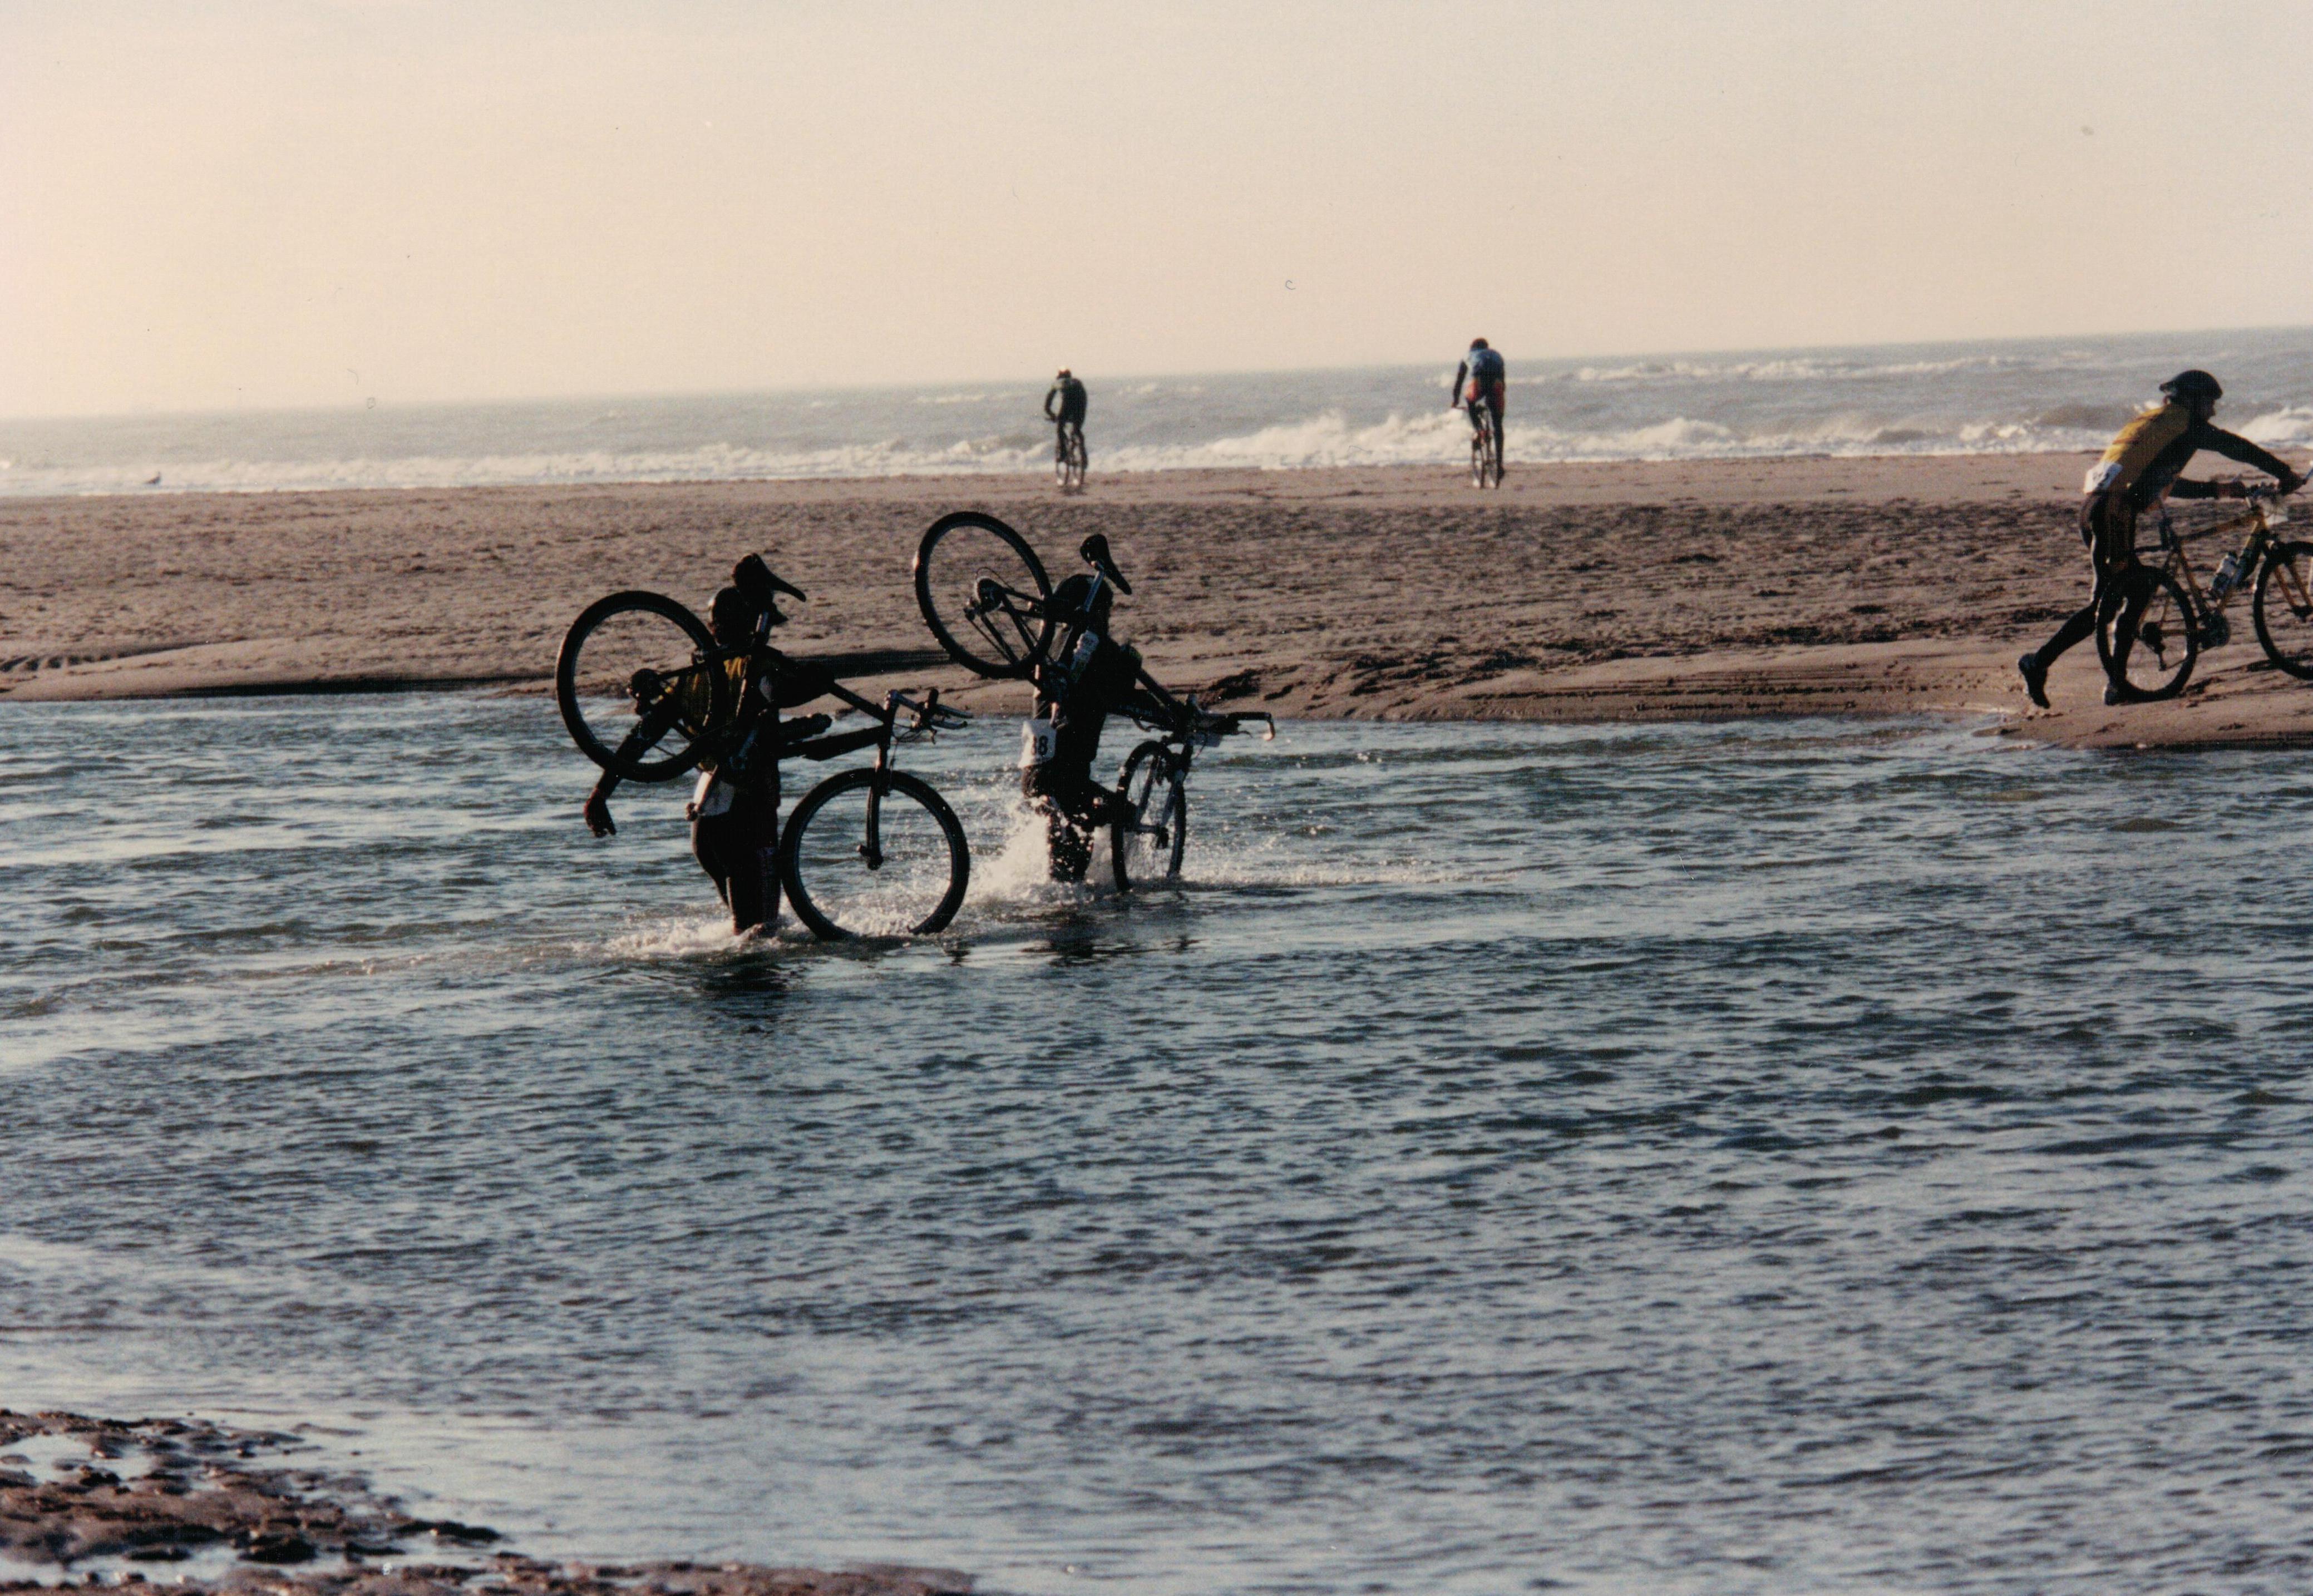 Vandaag in 1998 was de eerste editie van Egmond-Pier-Egmond. Met het getijde werd nog geen rekening gehouden: deelnemers met fiets op de rug door de zee. De geboorte van een klassieker